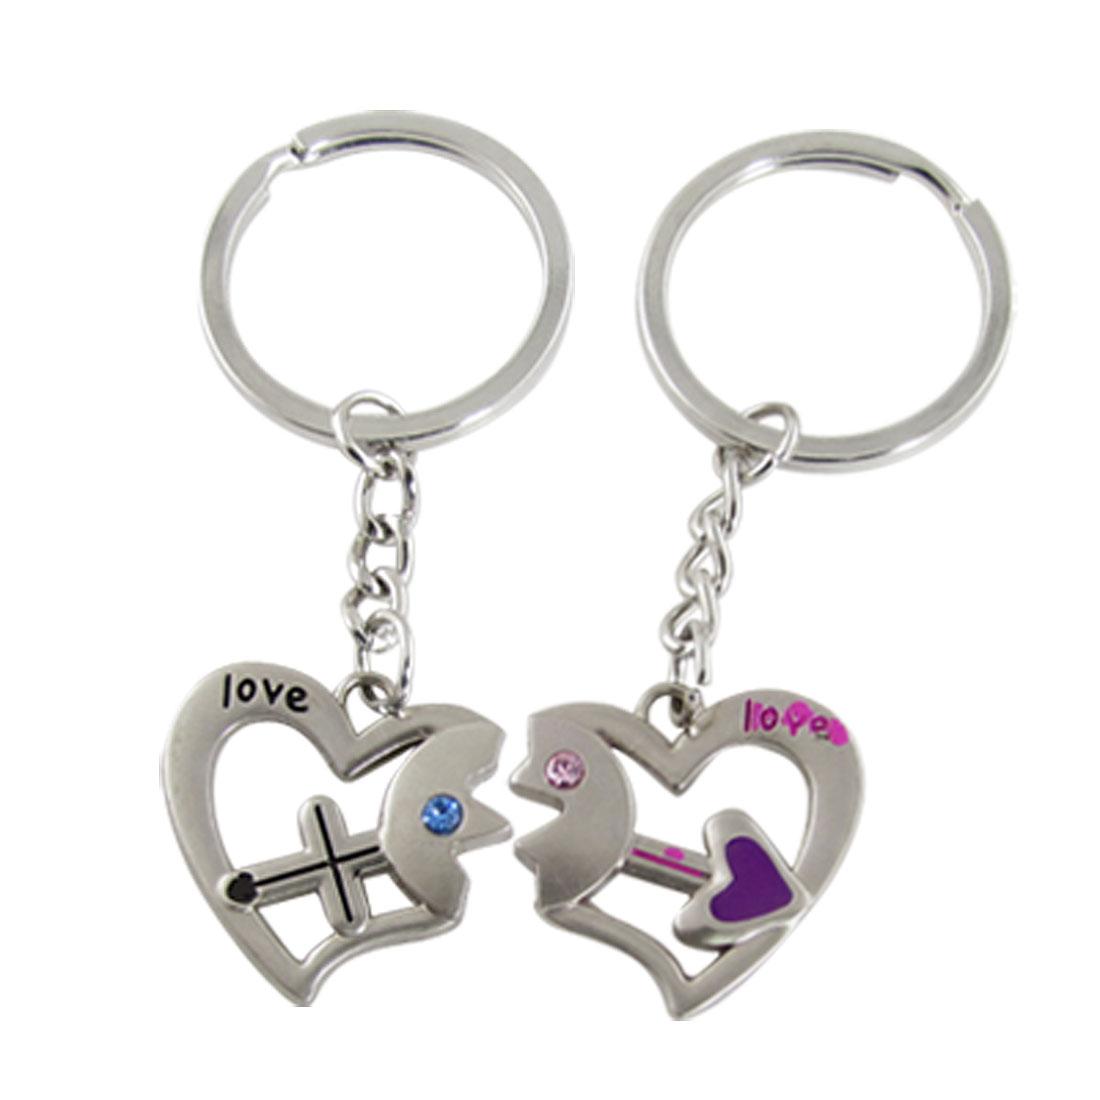 Couple Rhinnestone Inlay Heart Arrow Charms Keychain Keyring